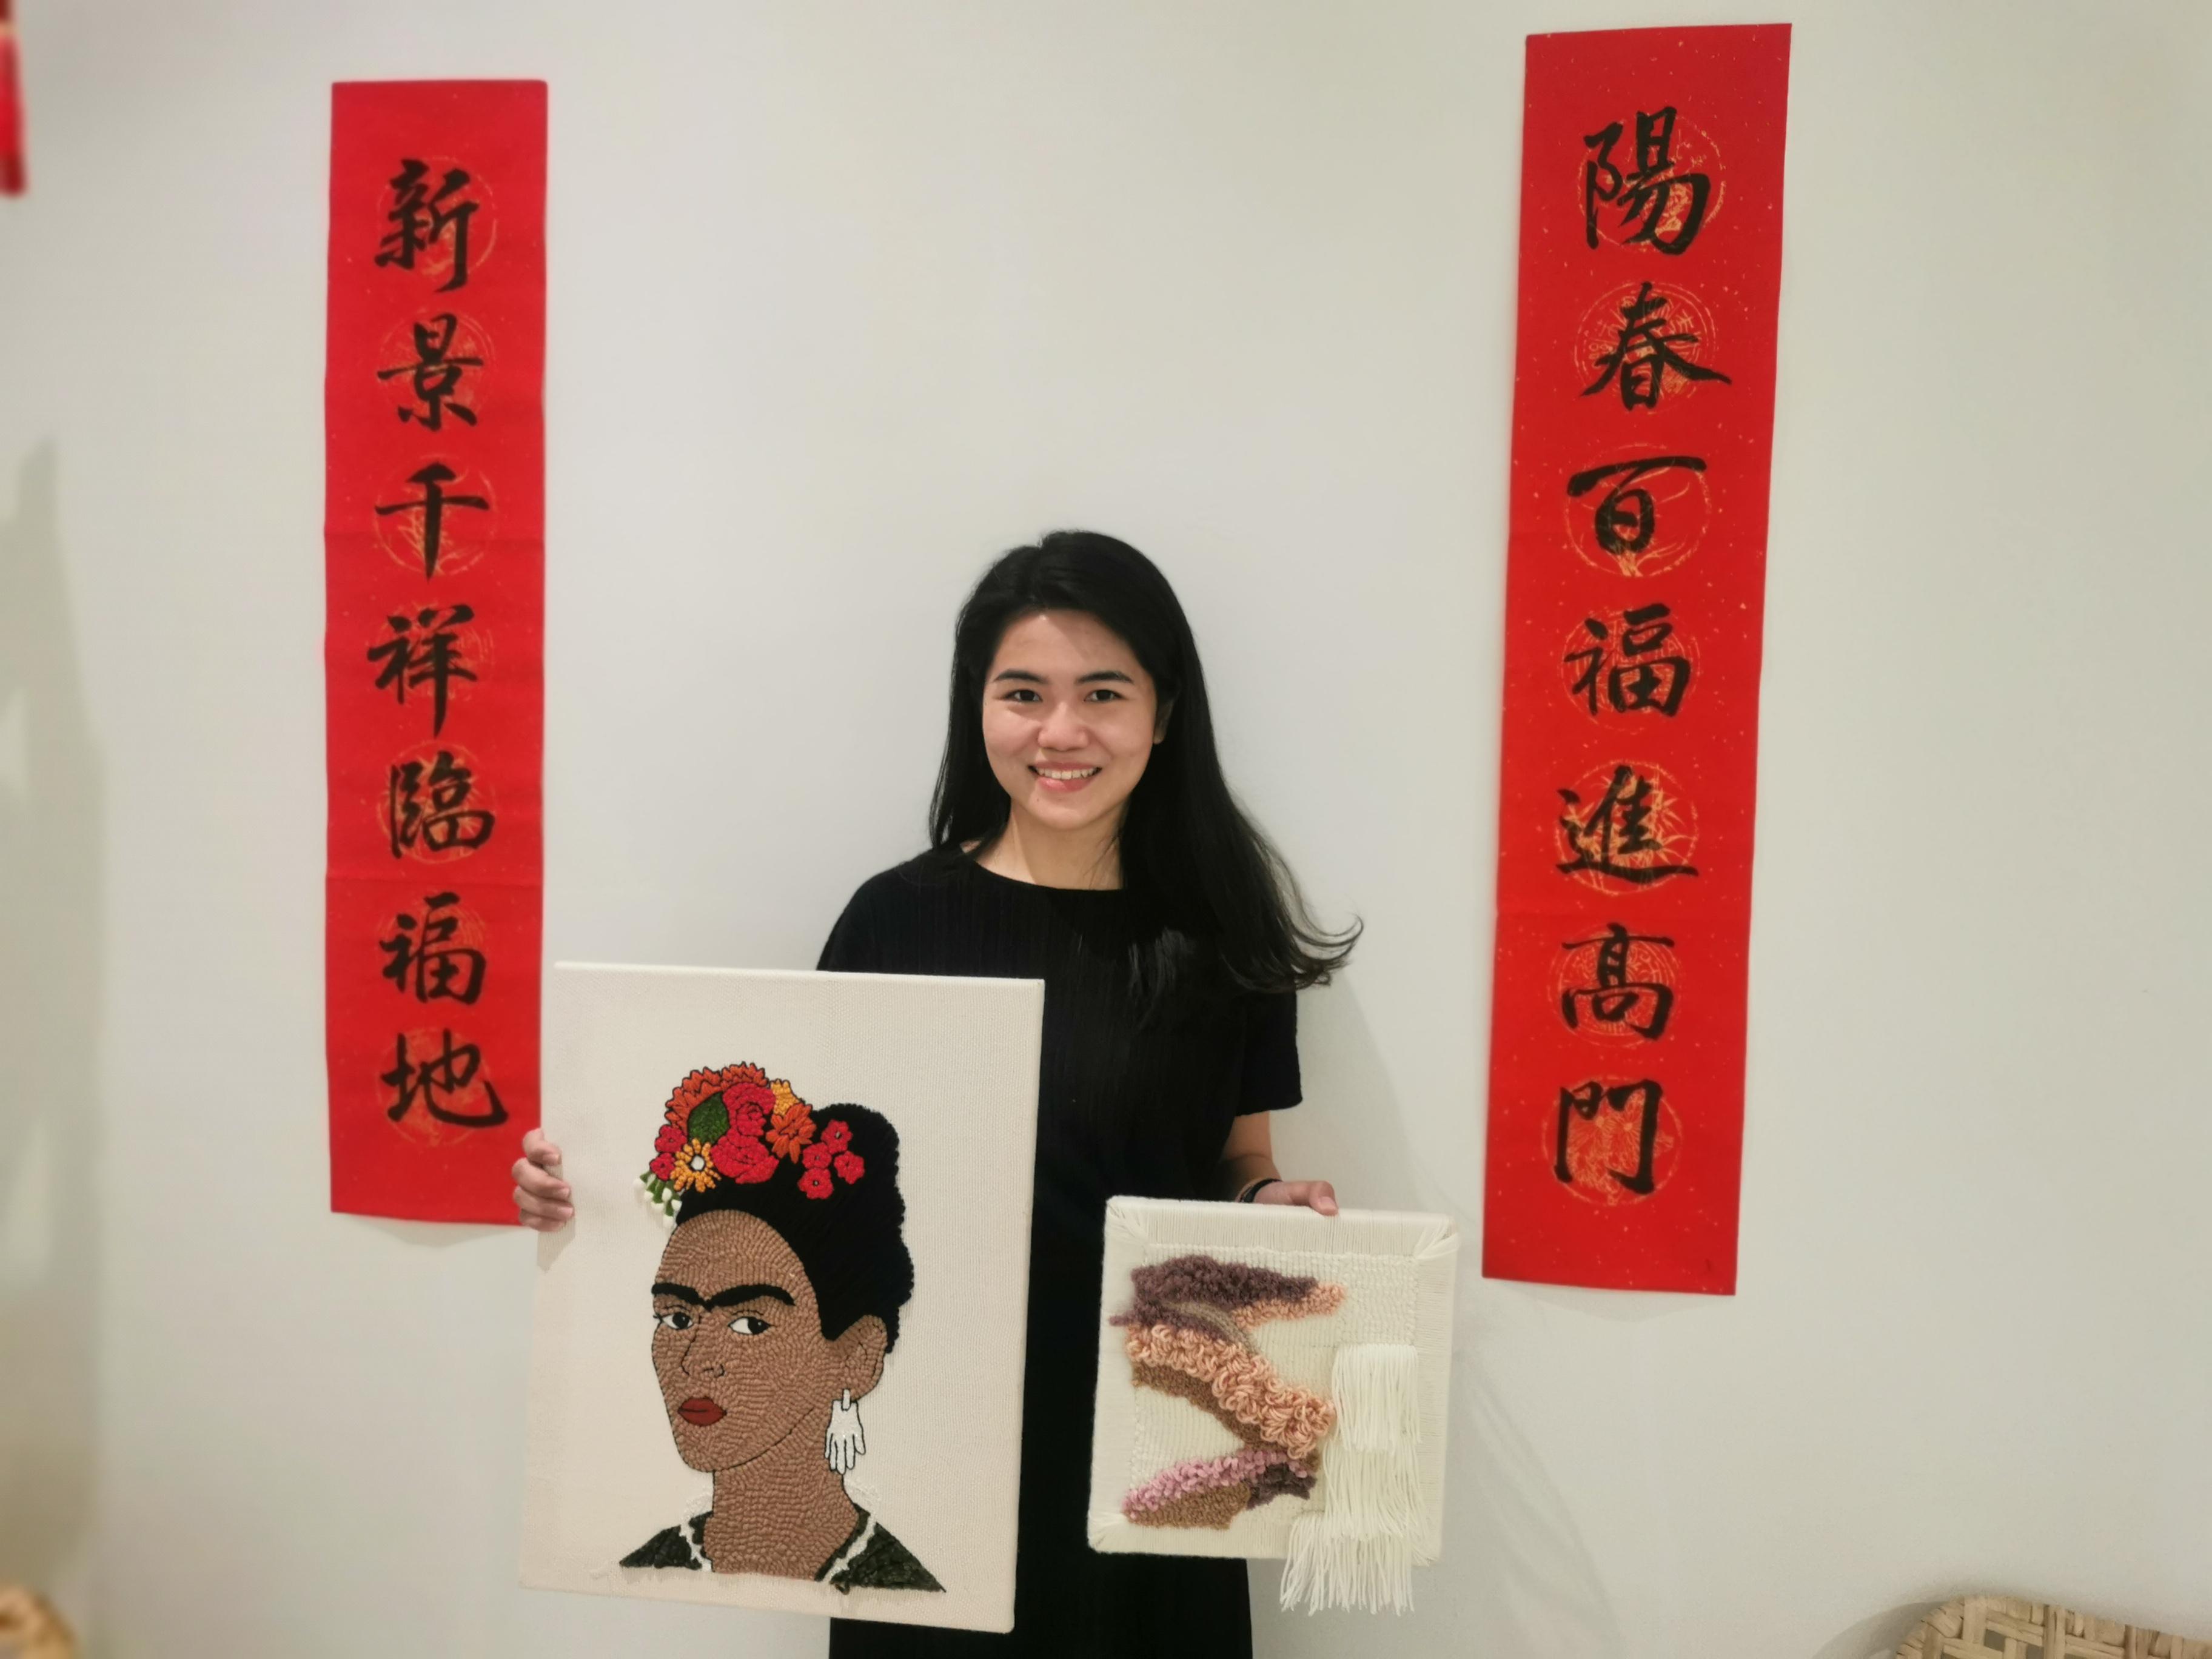 吴瑜羚展示自己最喜欢的戳戳绣作品。-杨琇媖摄-